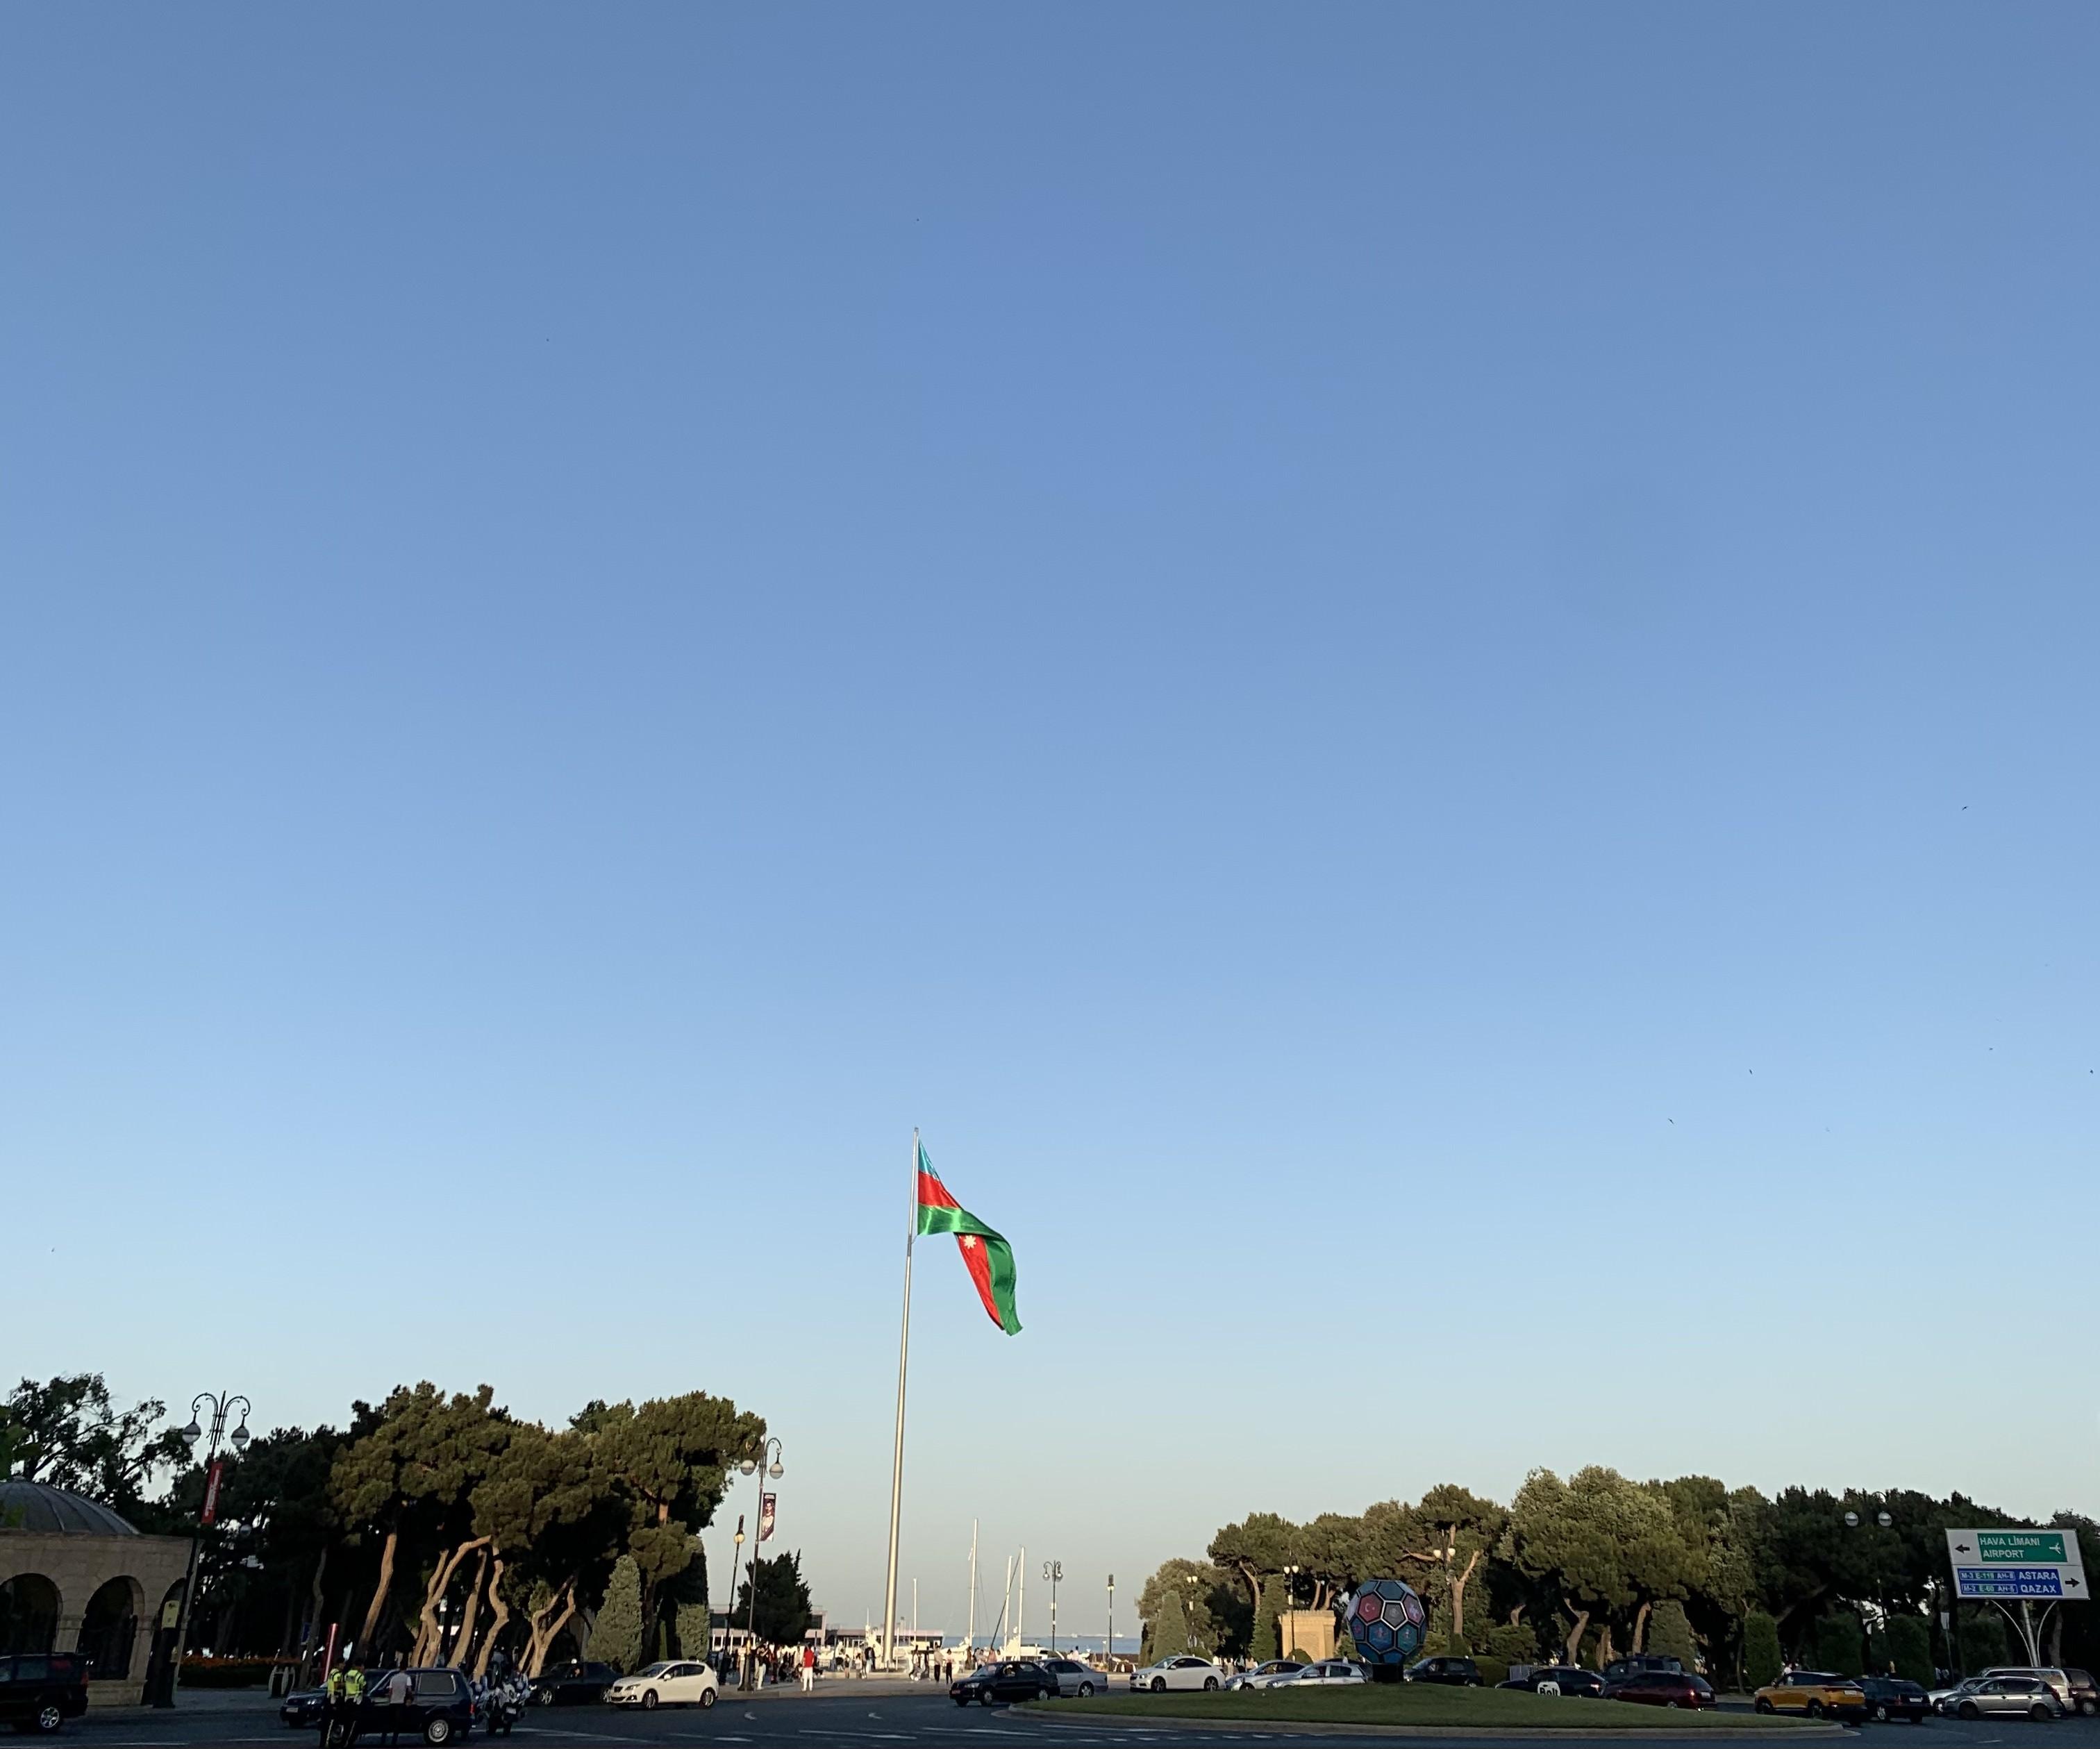 Azerbaycan'ın başkenti Bakü'nün şehir merkezi - Fotoğraf: Doğaç Özen